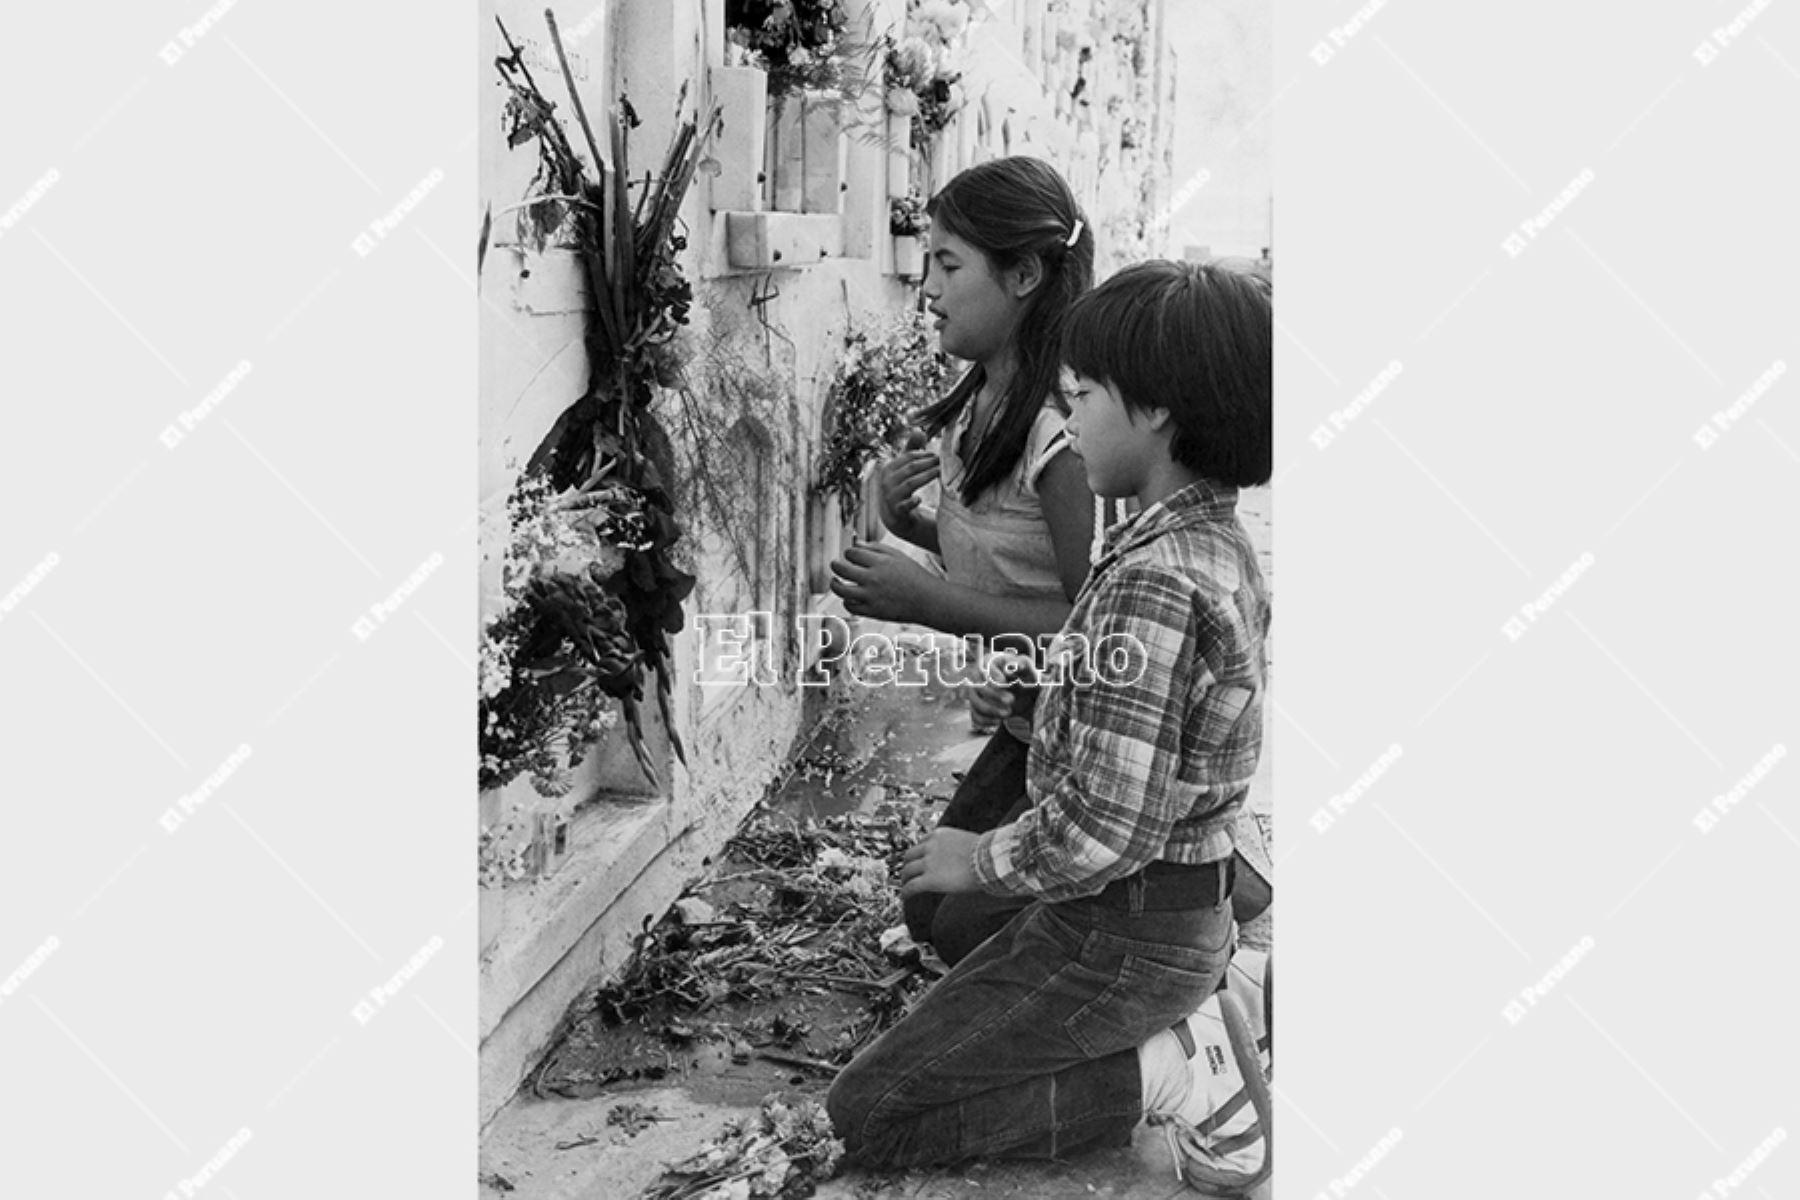 Callao - 13 mayo 1984 / En el Día de la Madre, dos niños visitan una tumba en el cementerio Baquijano y Carrillo. Foto: Archivo Histórico de El Peruano / Manuel Cahua